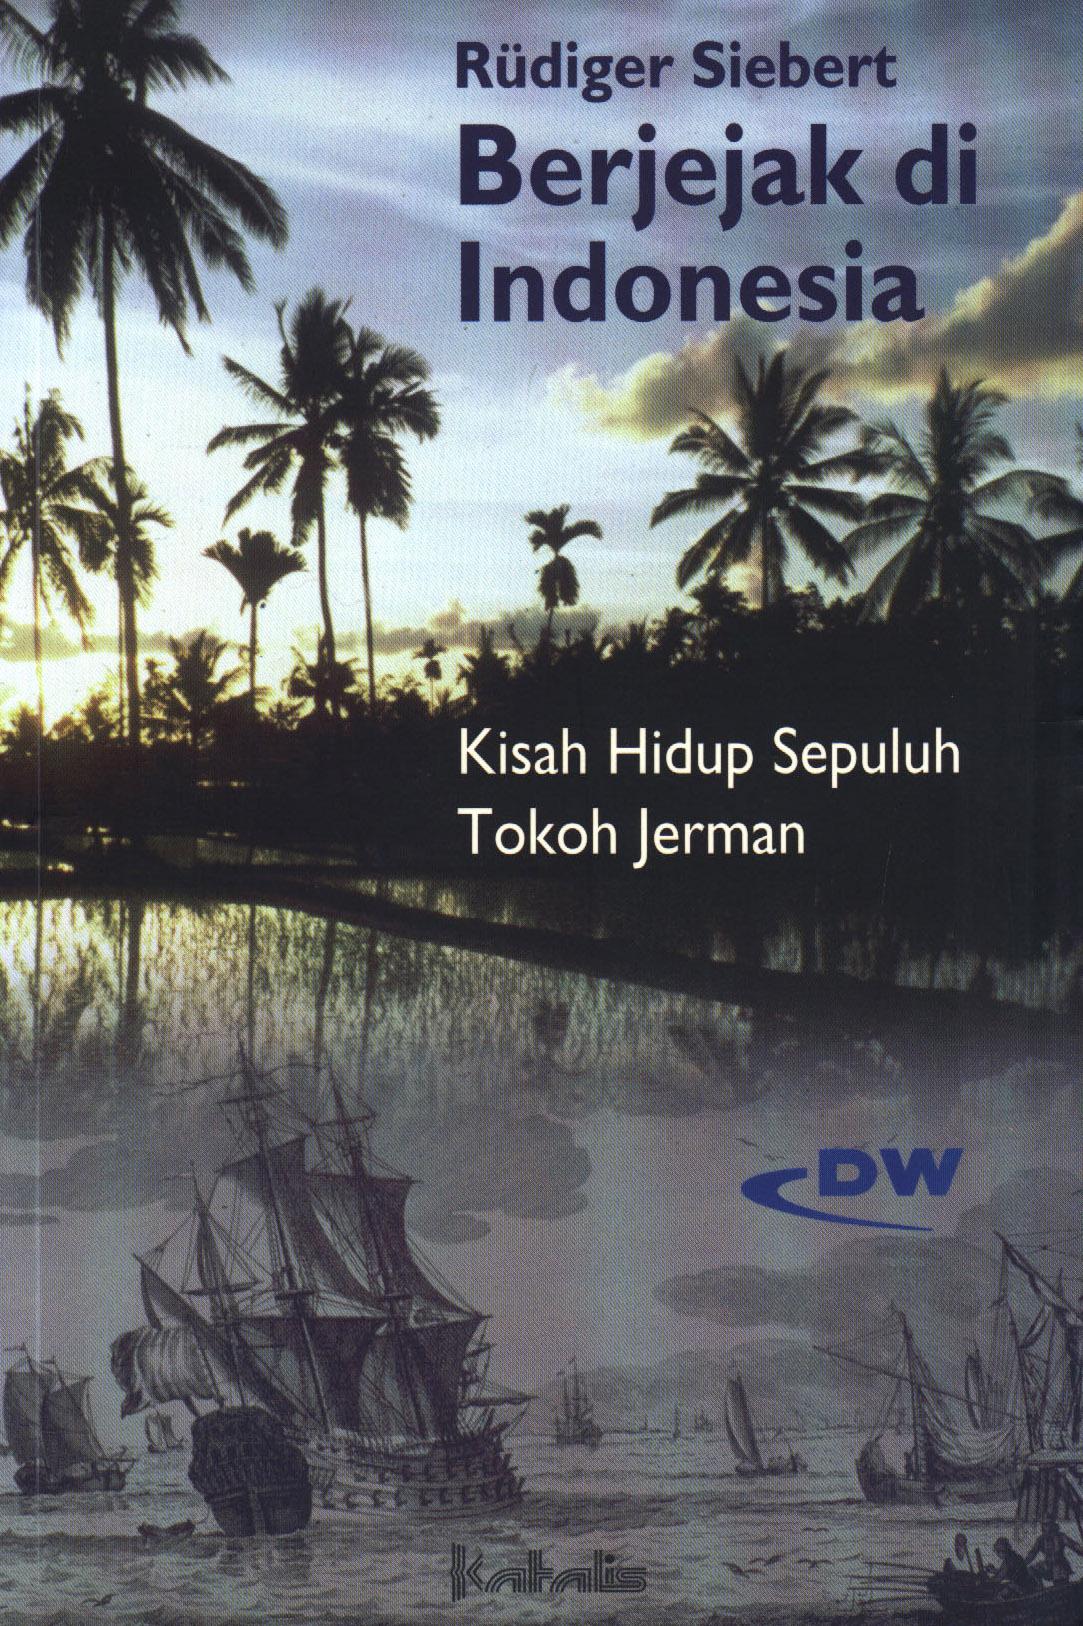 Berjejak di Indonesia